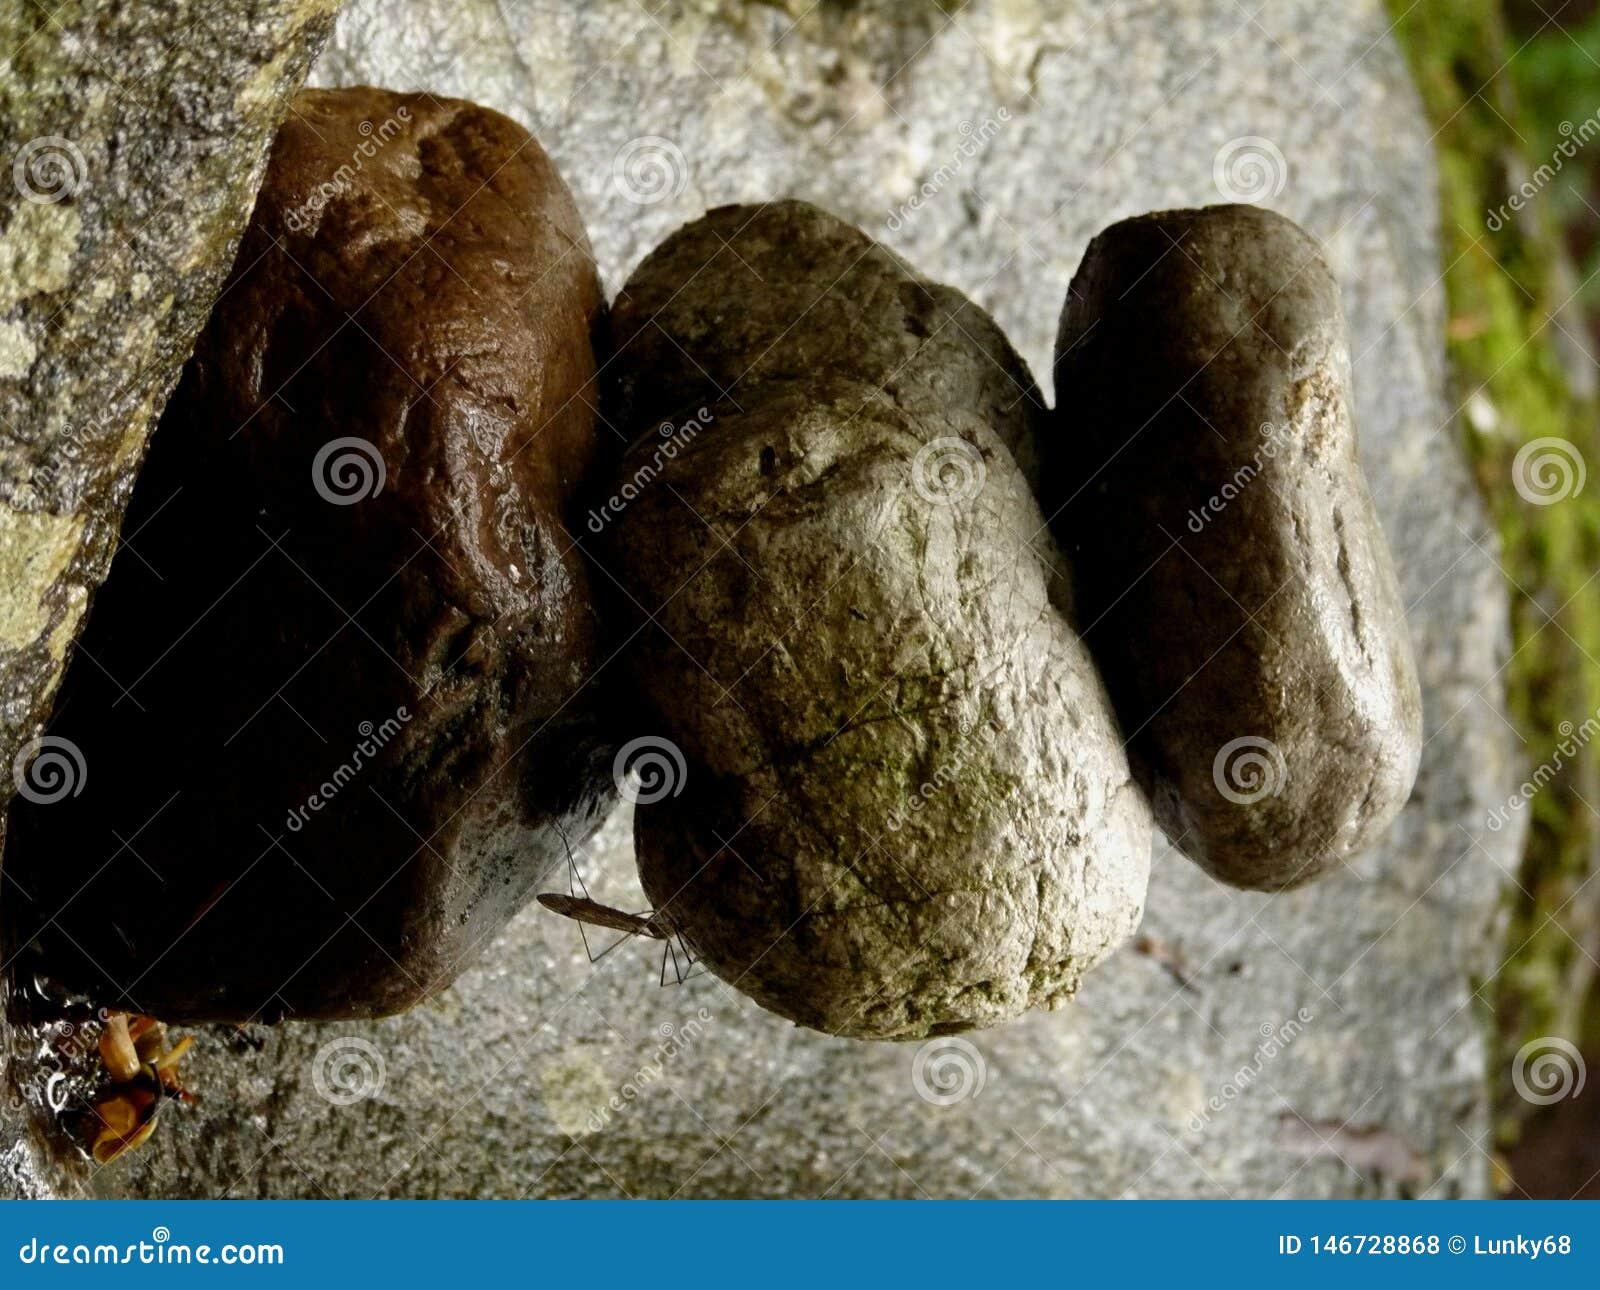 Stapel Zensteine auf Felsen am magischen Platz im Wald